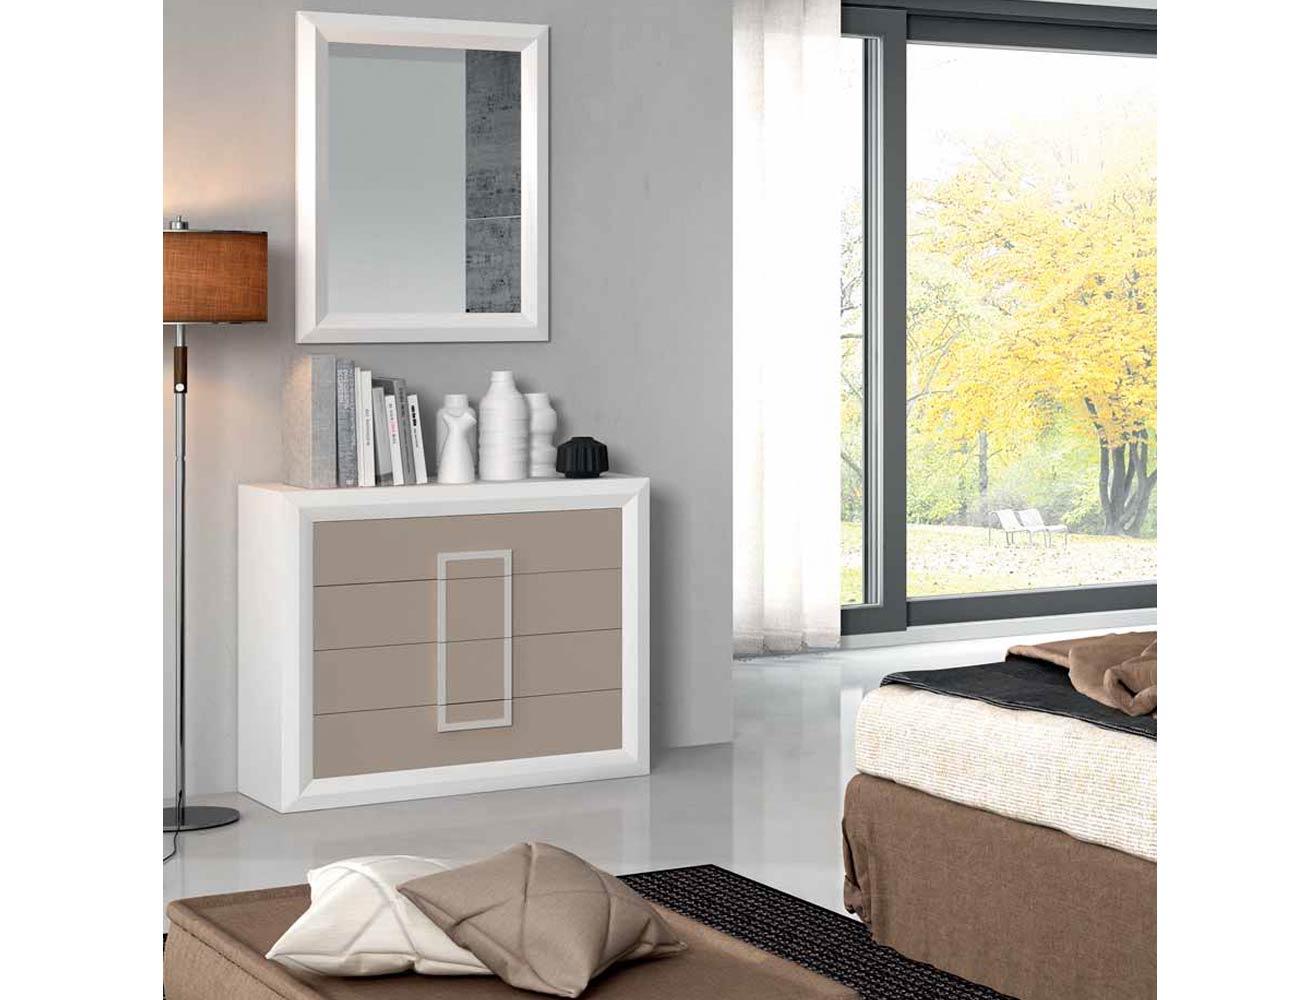 C moda con marco espejo para dormitorio de matrimonio for Espejos en la pared del dormitorio